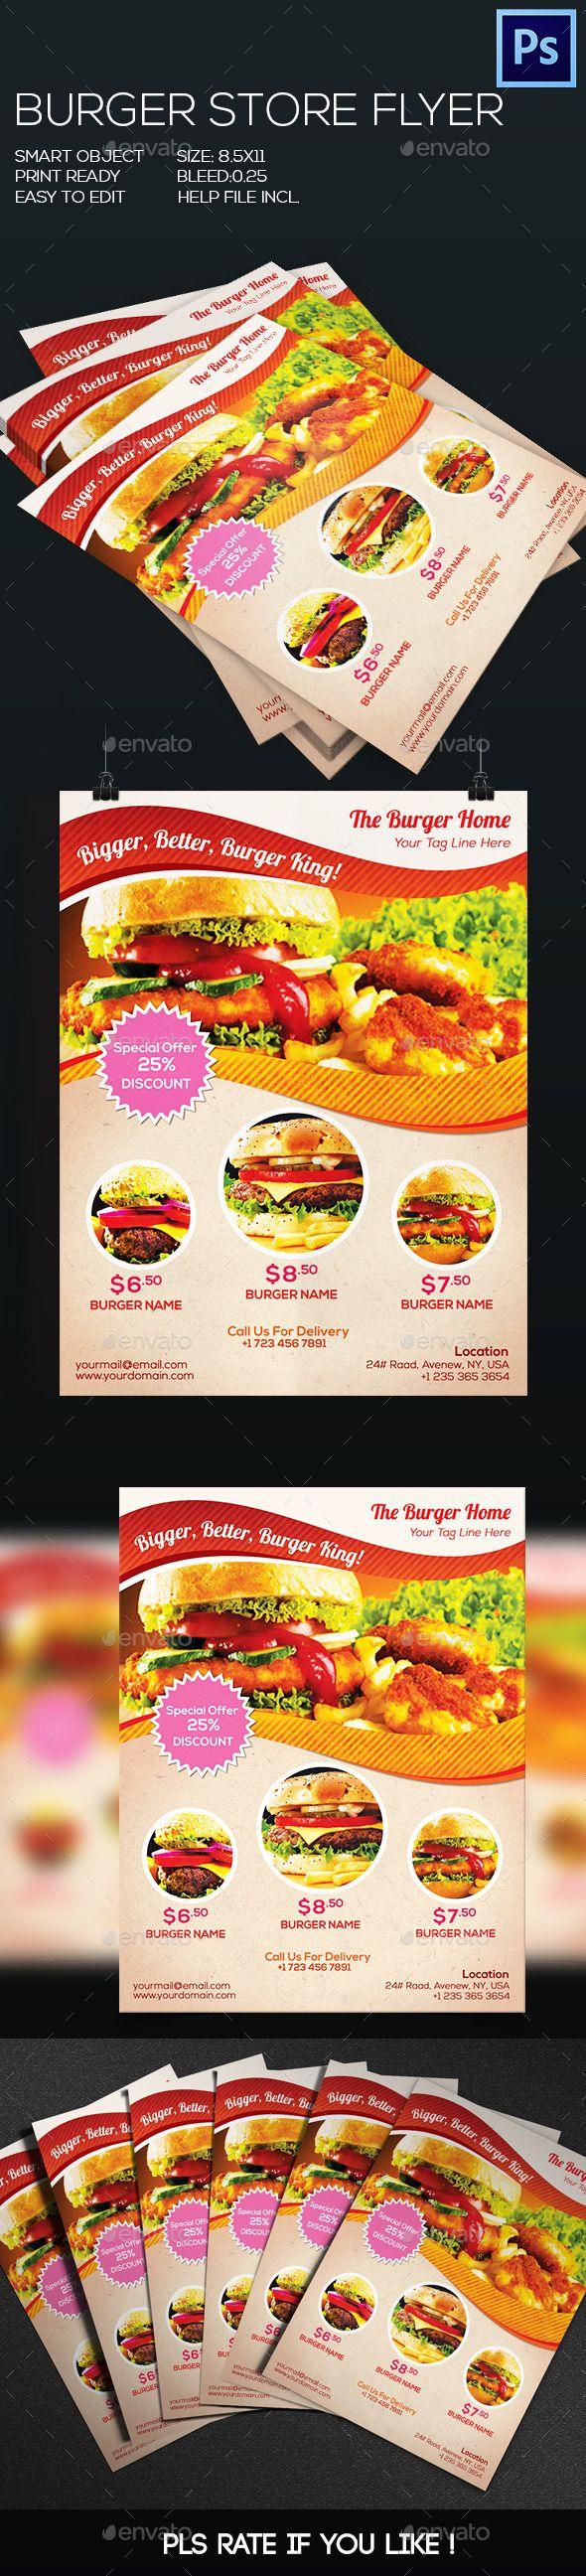 Best Burger Flyer Images On   Flyer Design Flyer